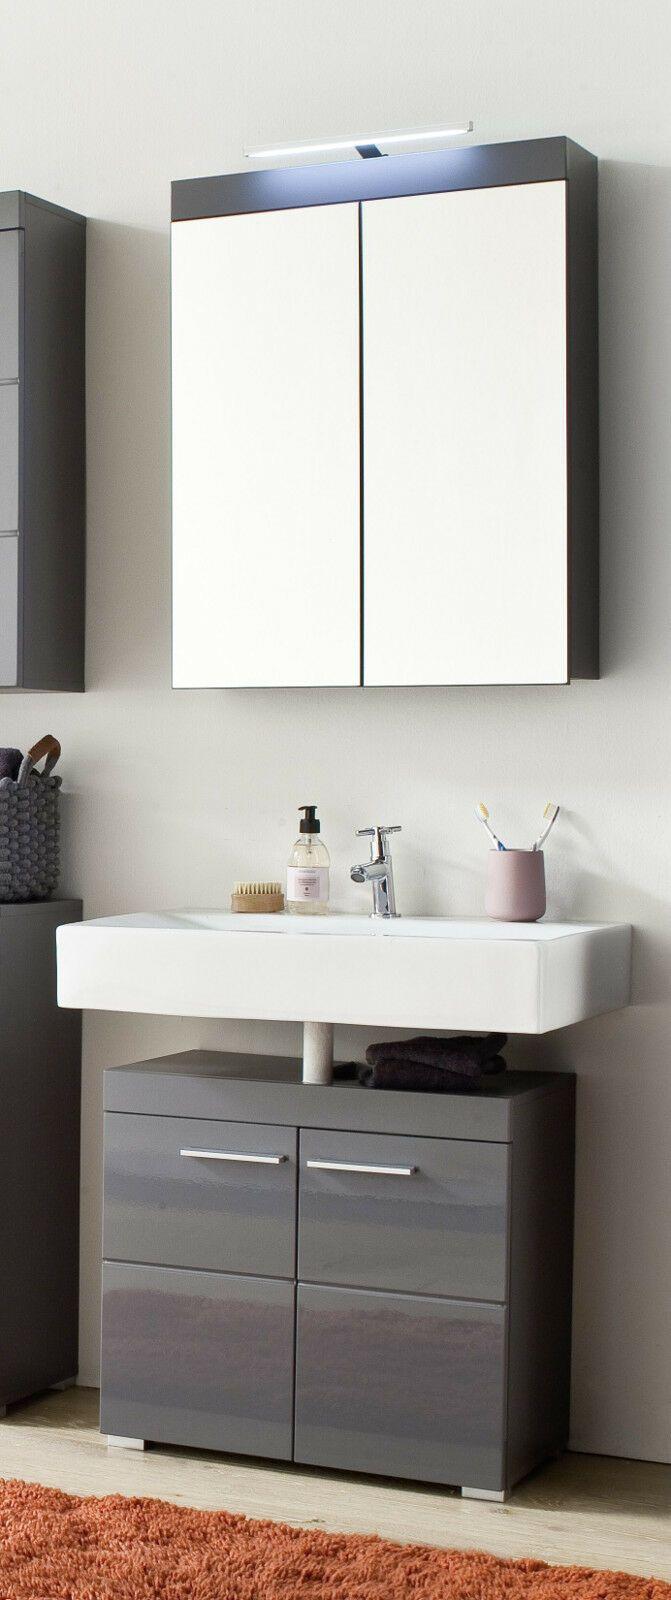 Bad Mobel Set Grau Hochglanz Badezimmer Spiegelschrank Unterschrank Amanda 60 Cm In 2020 Badezimmer Spiegelschrank Spiegelschrank Unterschrank